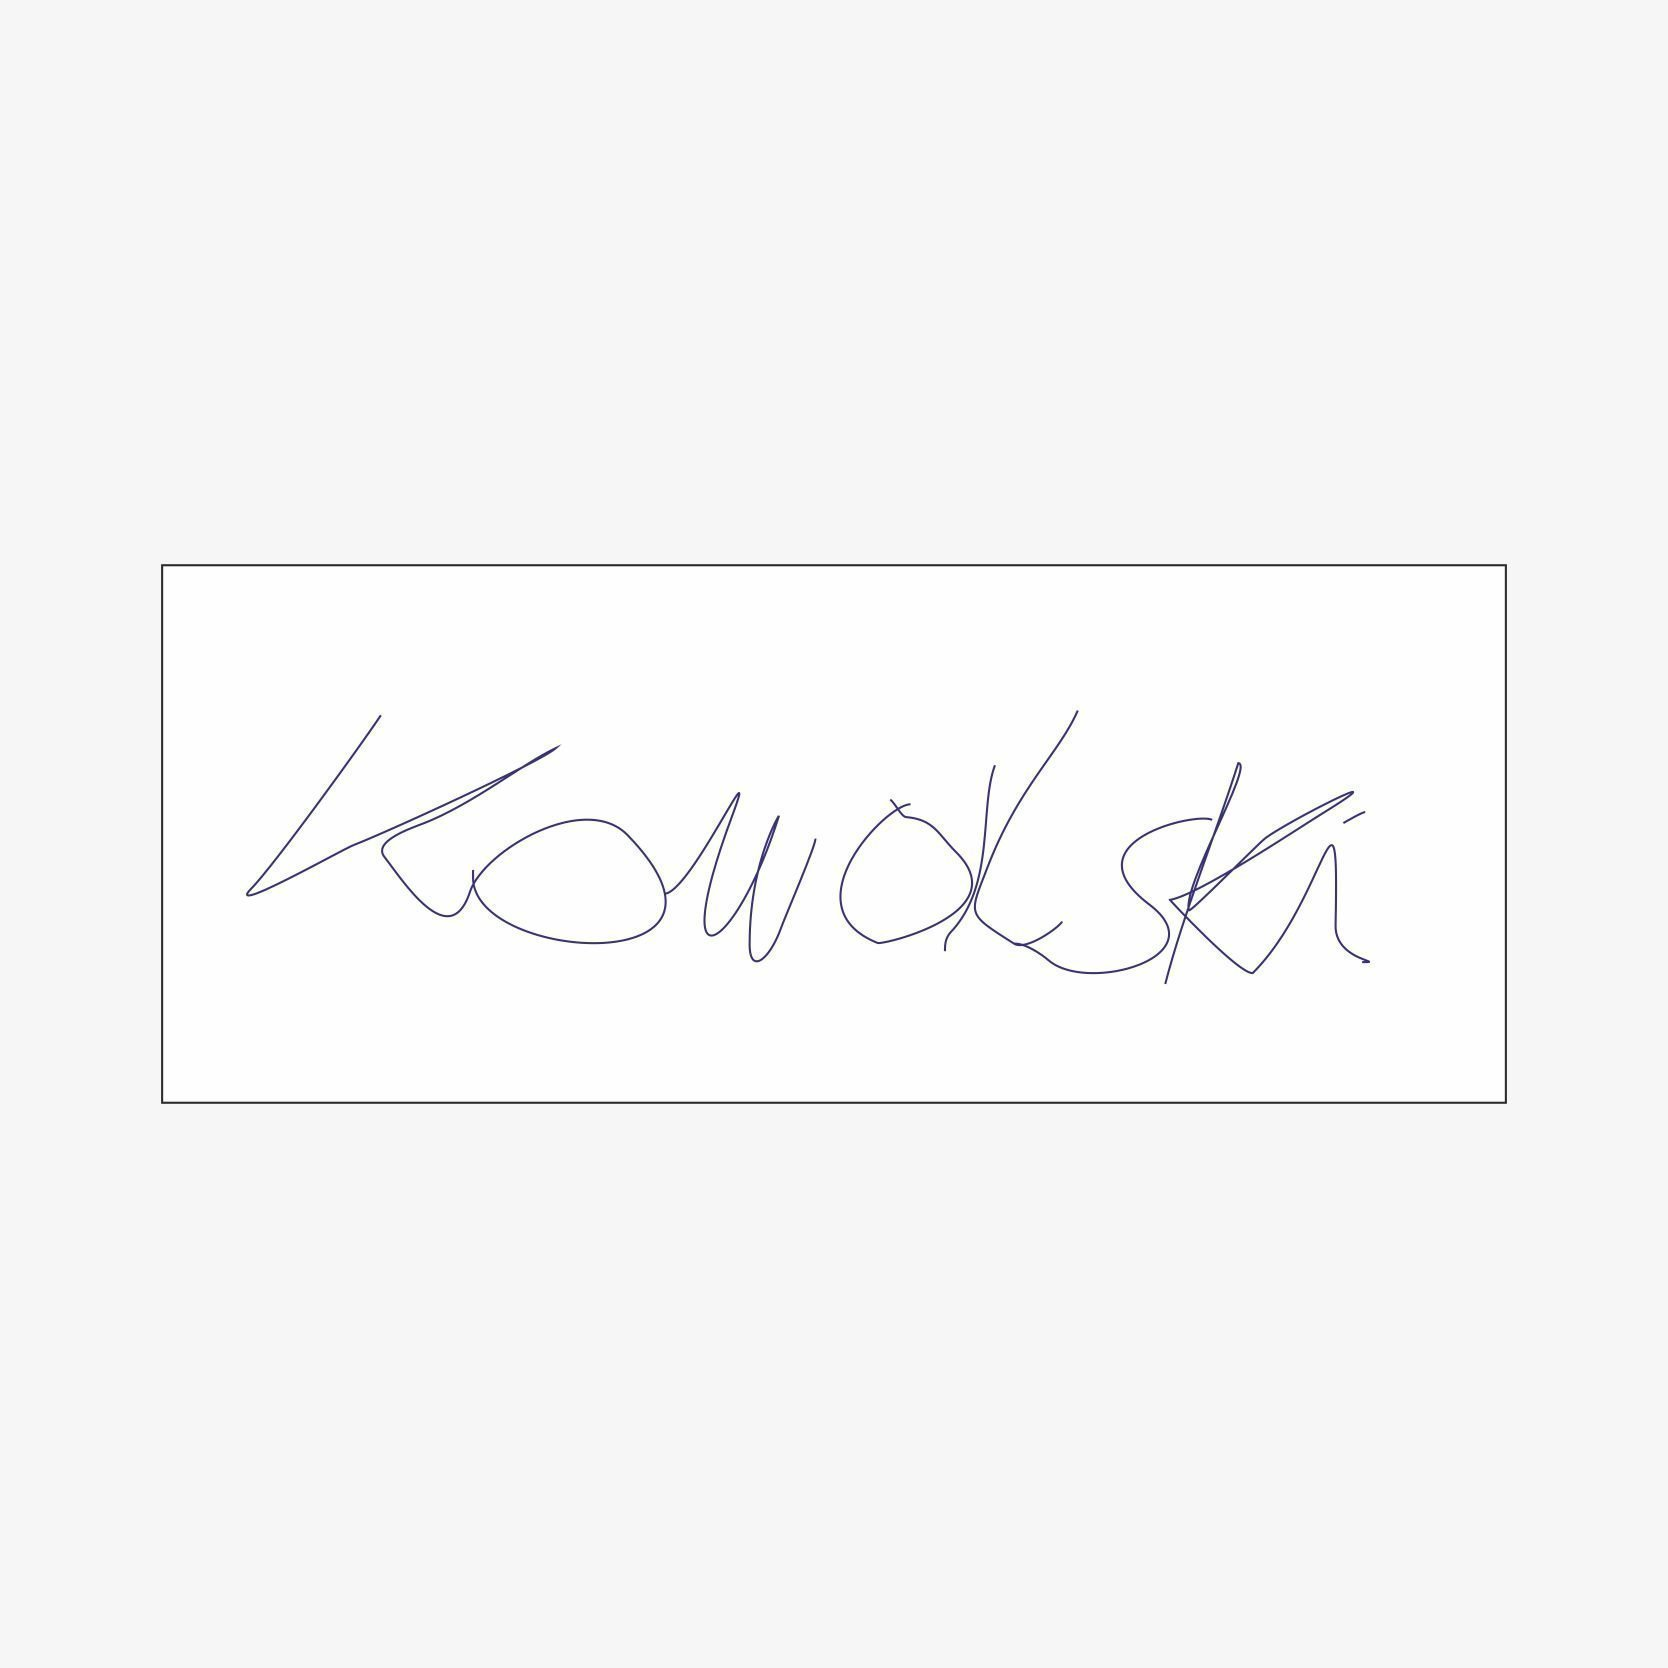 Pieczątki z podpisem